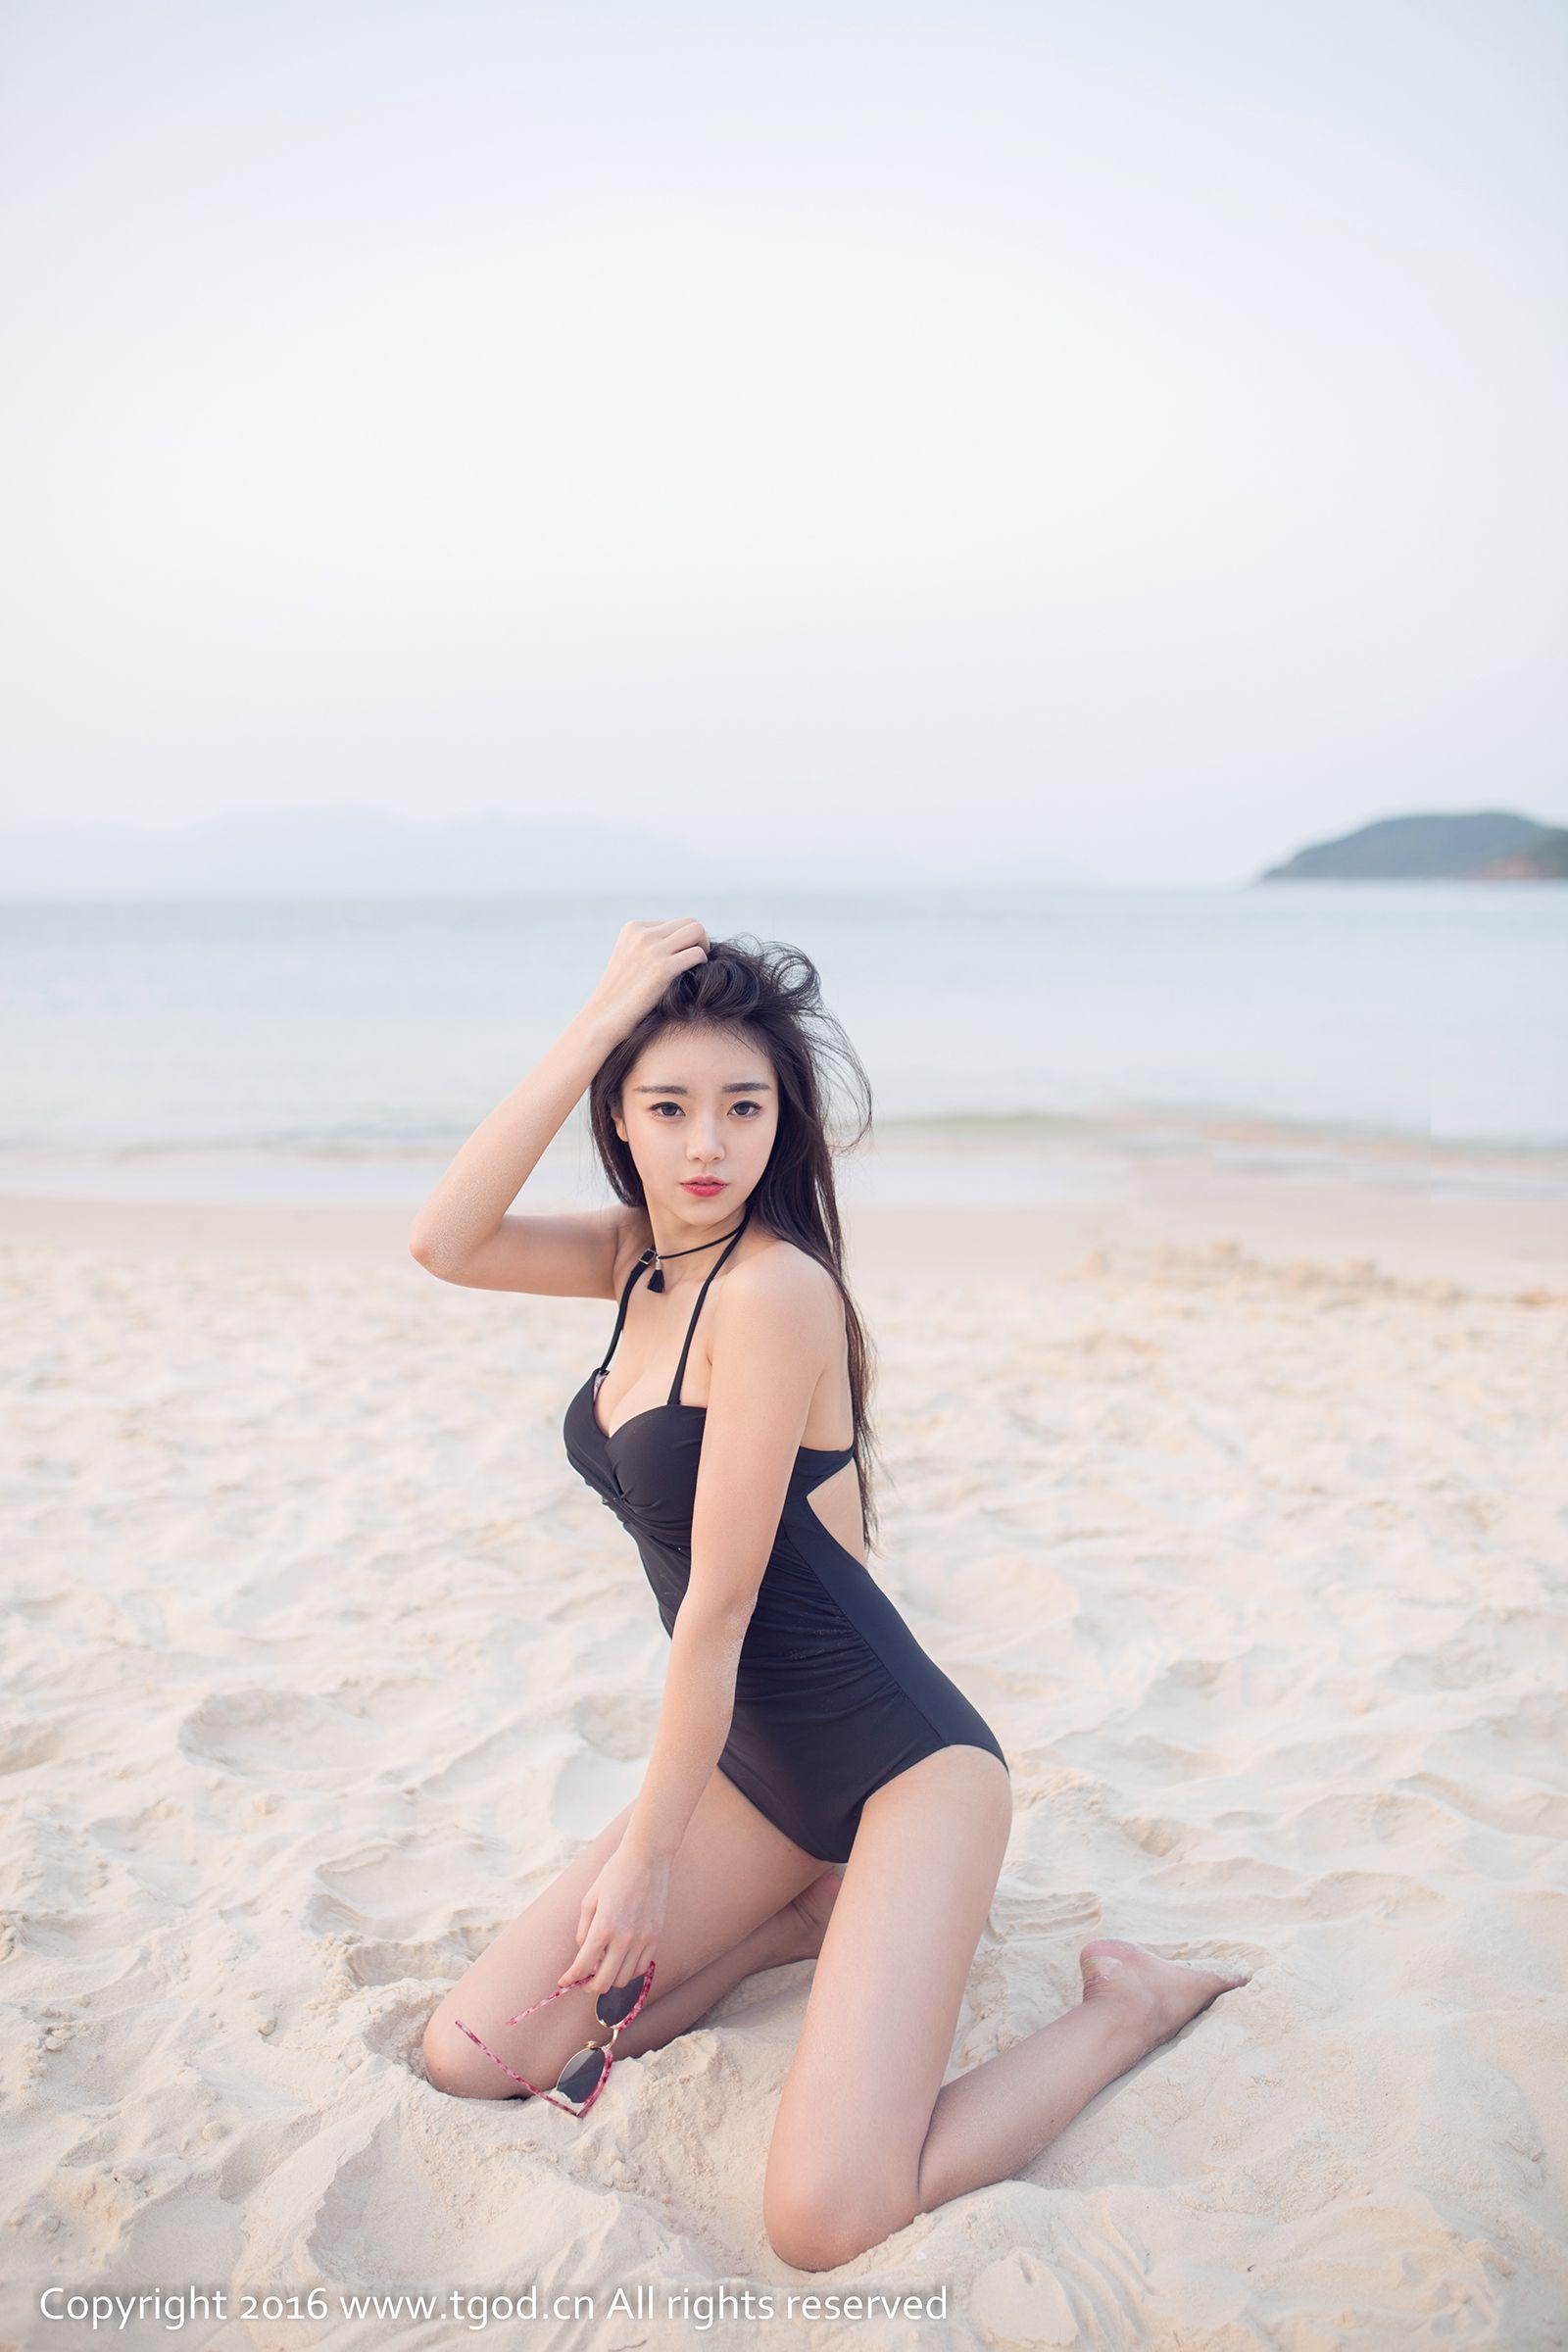 [TGOD推女神/尤蜜荟] 可乐Vicky 合集 丝袜美图[40P]